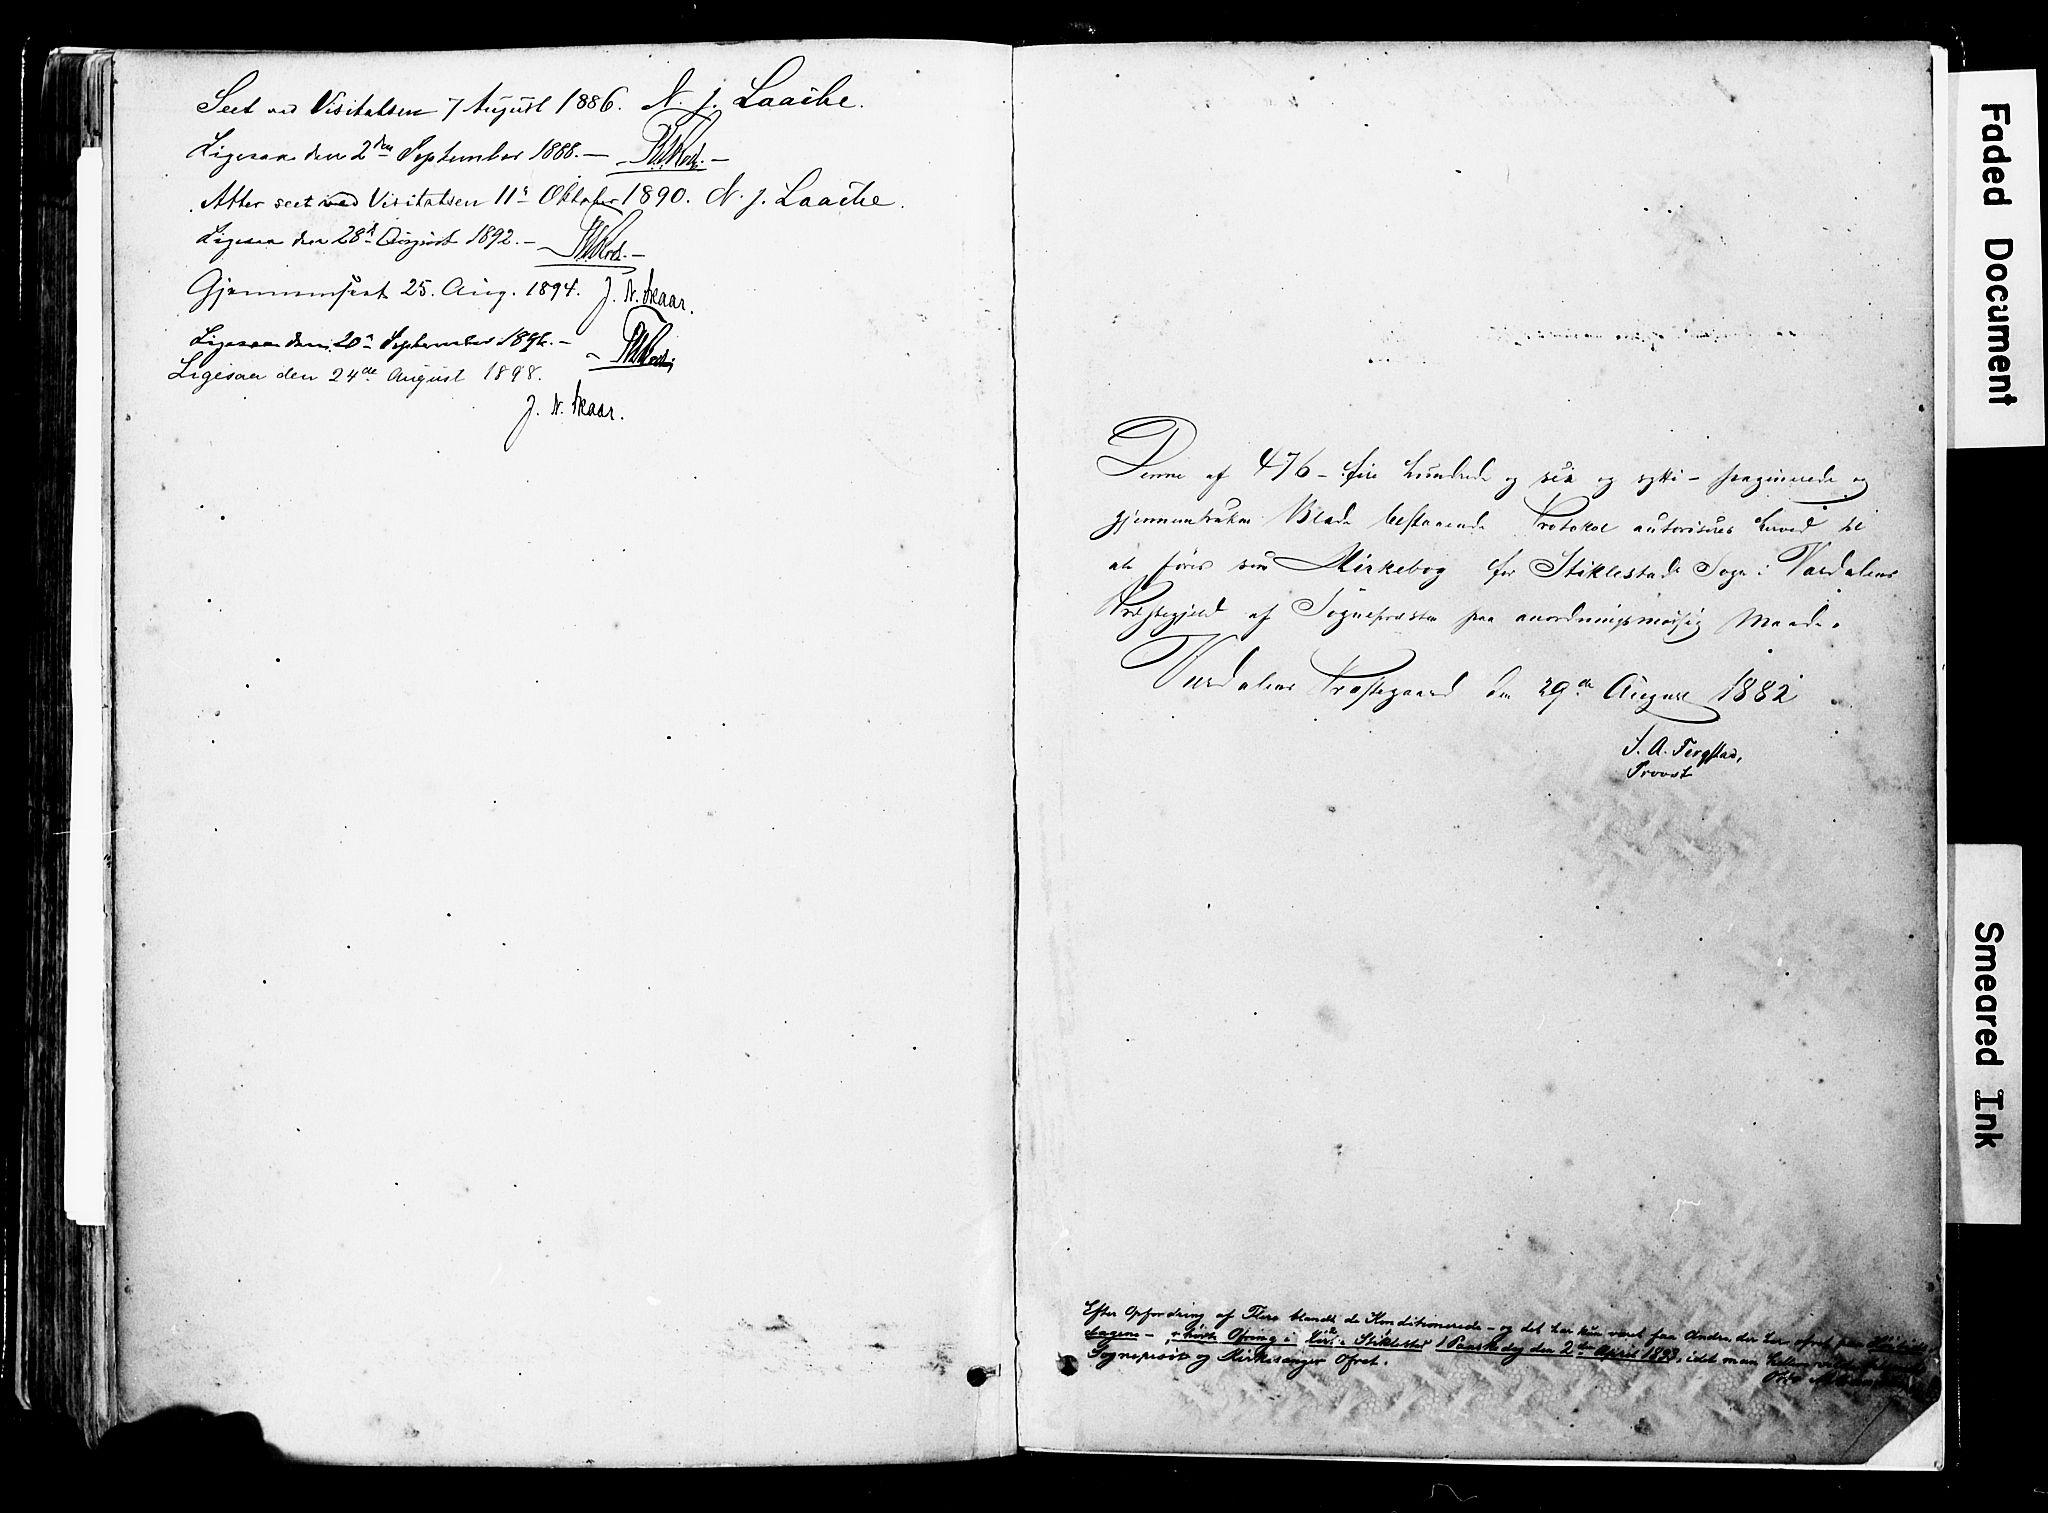 SAT, Ministerialprotokoller, klokkerbøker og fødselsregistre - Nord-Trøndelag, 723/L0244: Ministerialbok nr. 723A13, 1881-1899